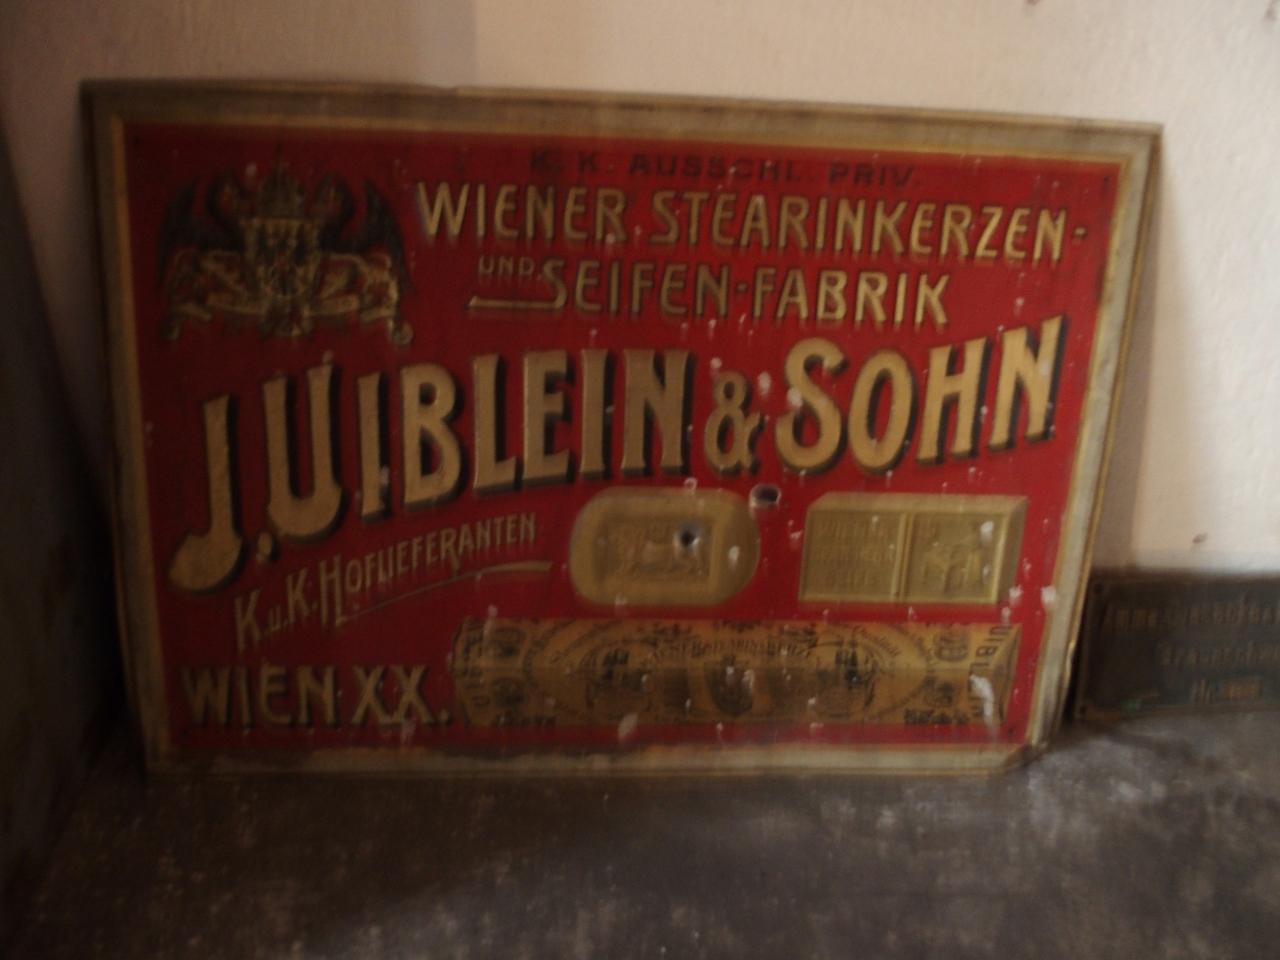 """Firmenschild """"J. Uiblein & Sohn"""""""